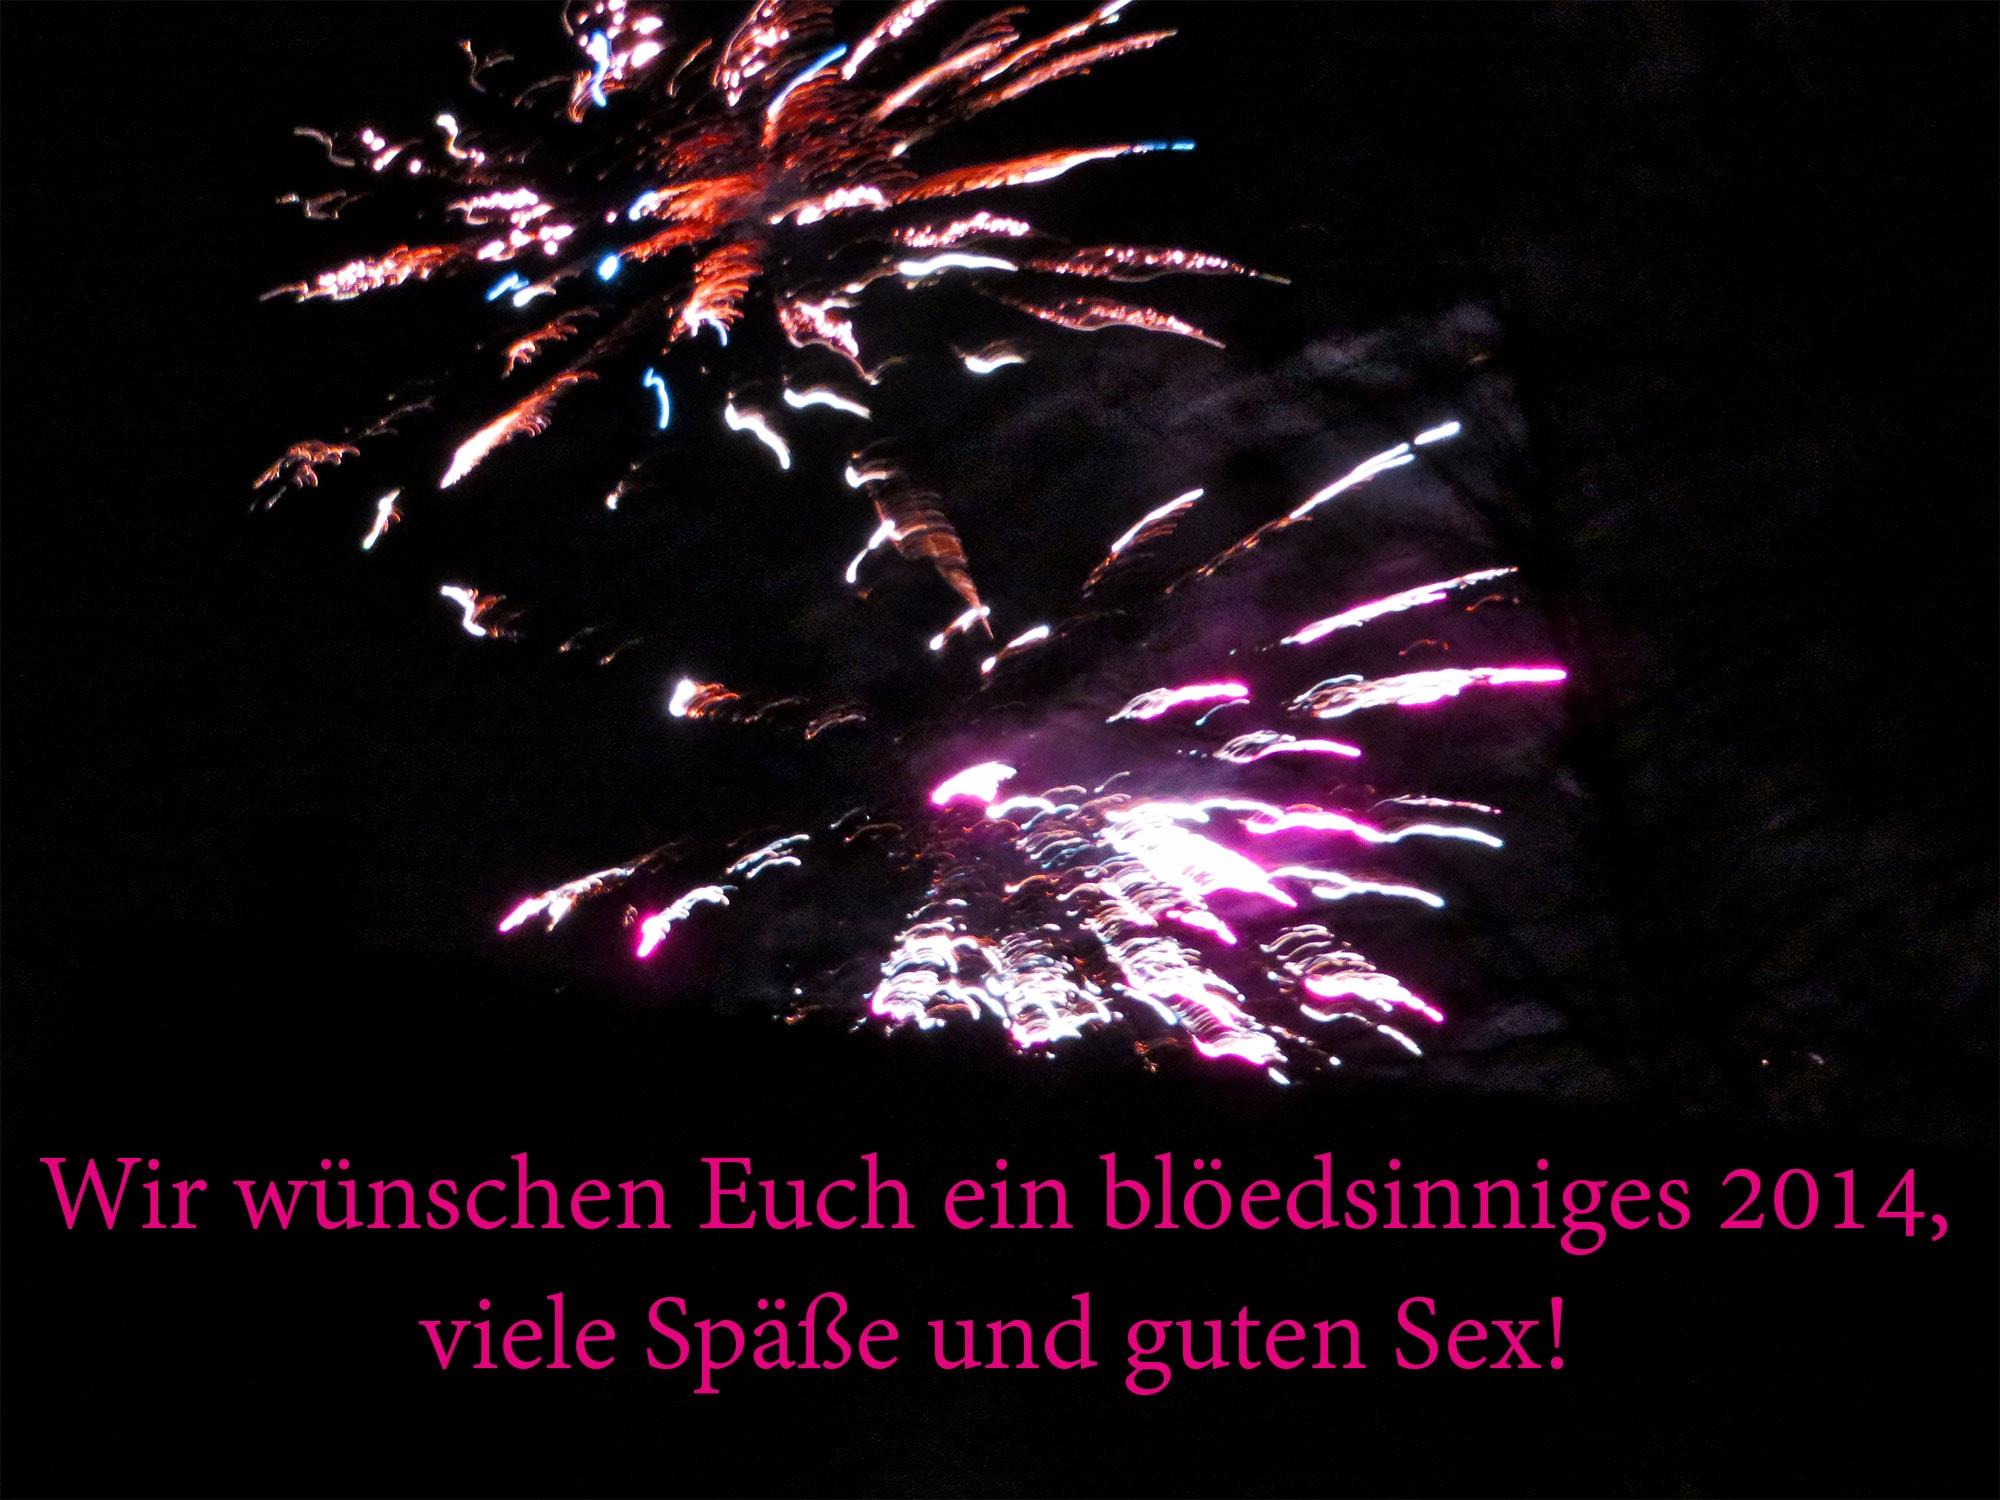 Wir wünschen Euch ein blöedsinniges 2014, viele Späße und guten Sex!